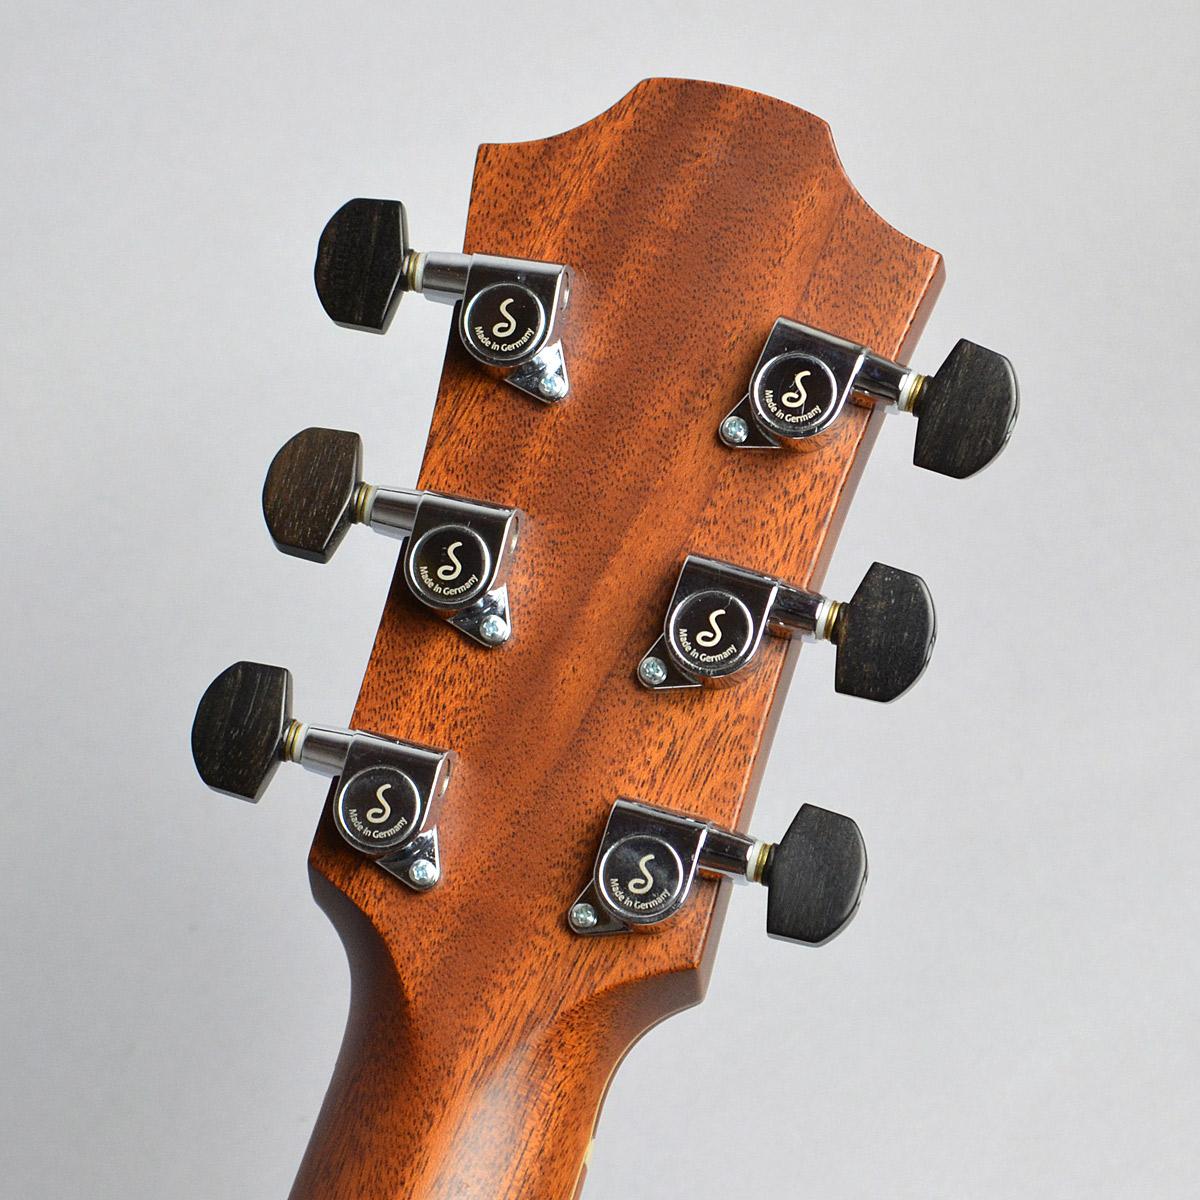 OM27-CRCT Customのヘッド裏-アップ画像